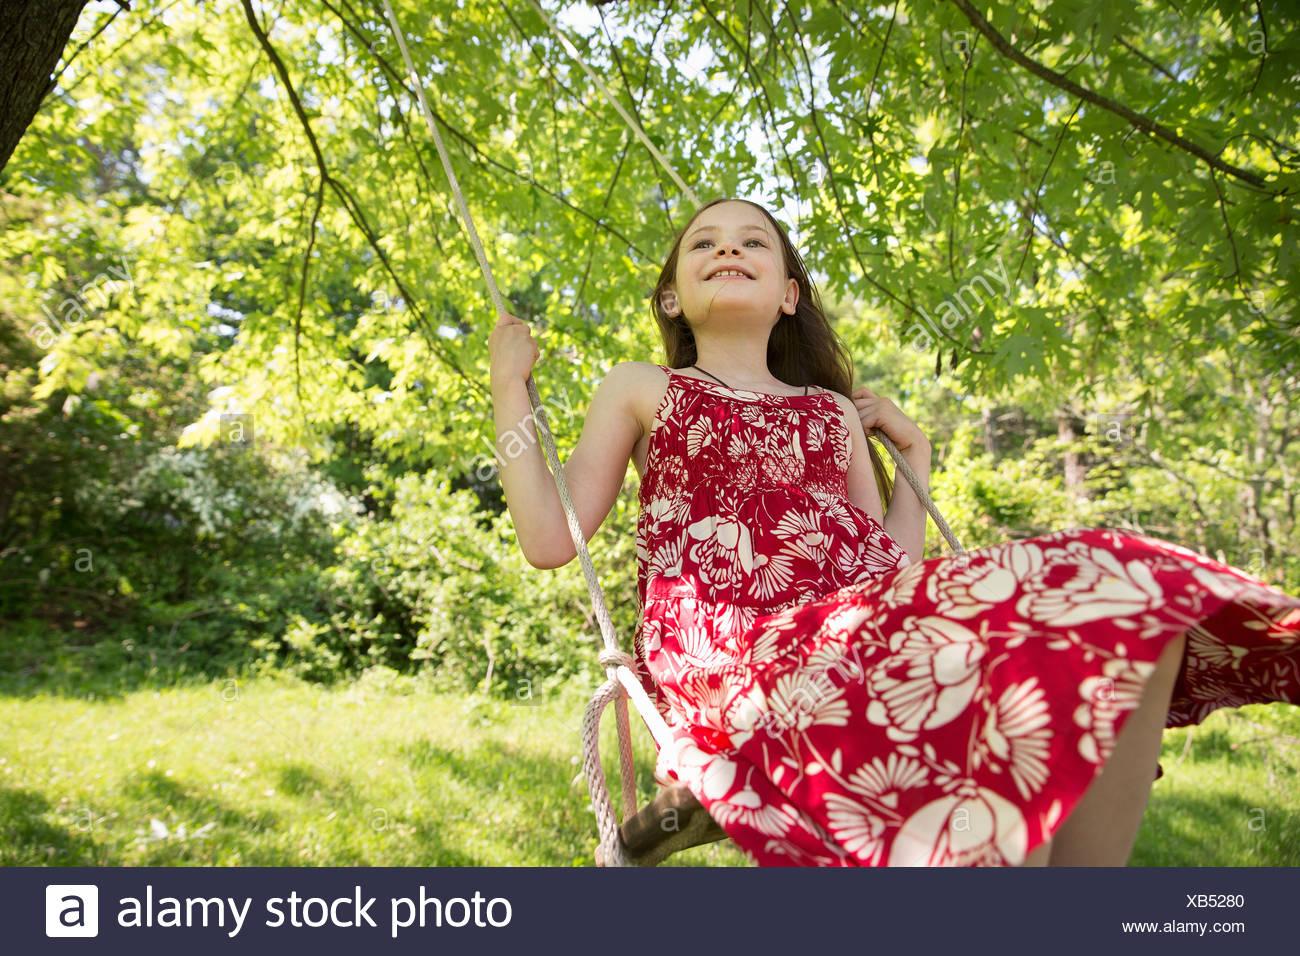 En el verano. Una niña de un sundress en un columpio de suspender desde las ramas de un árbol. Imagen De Stock